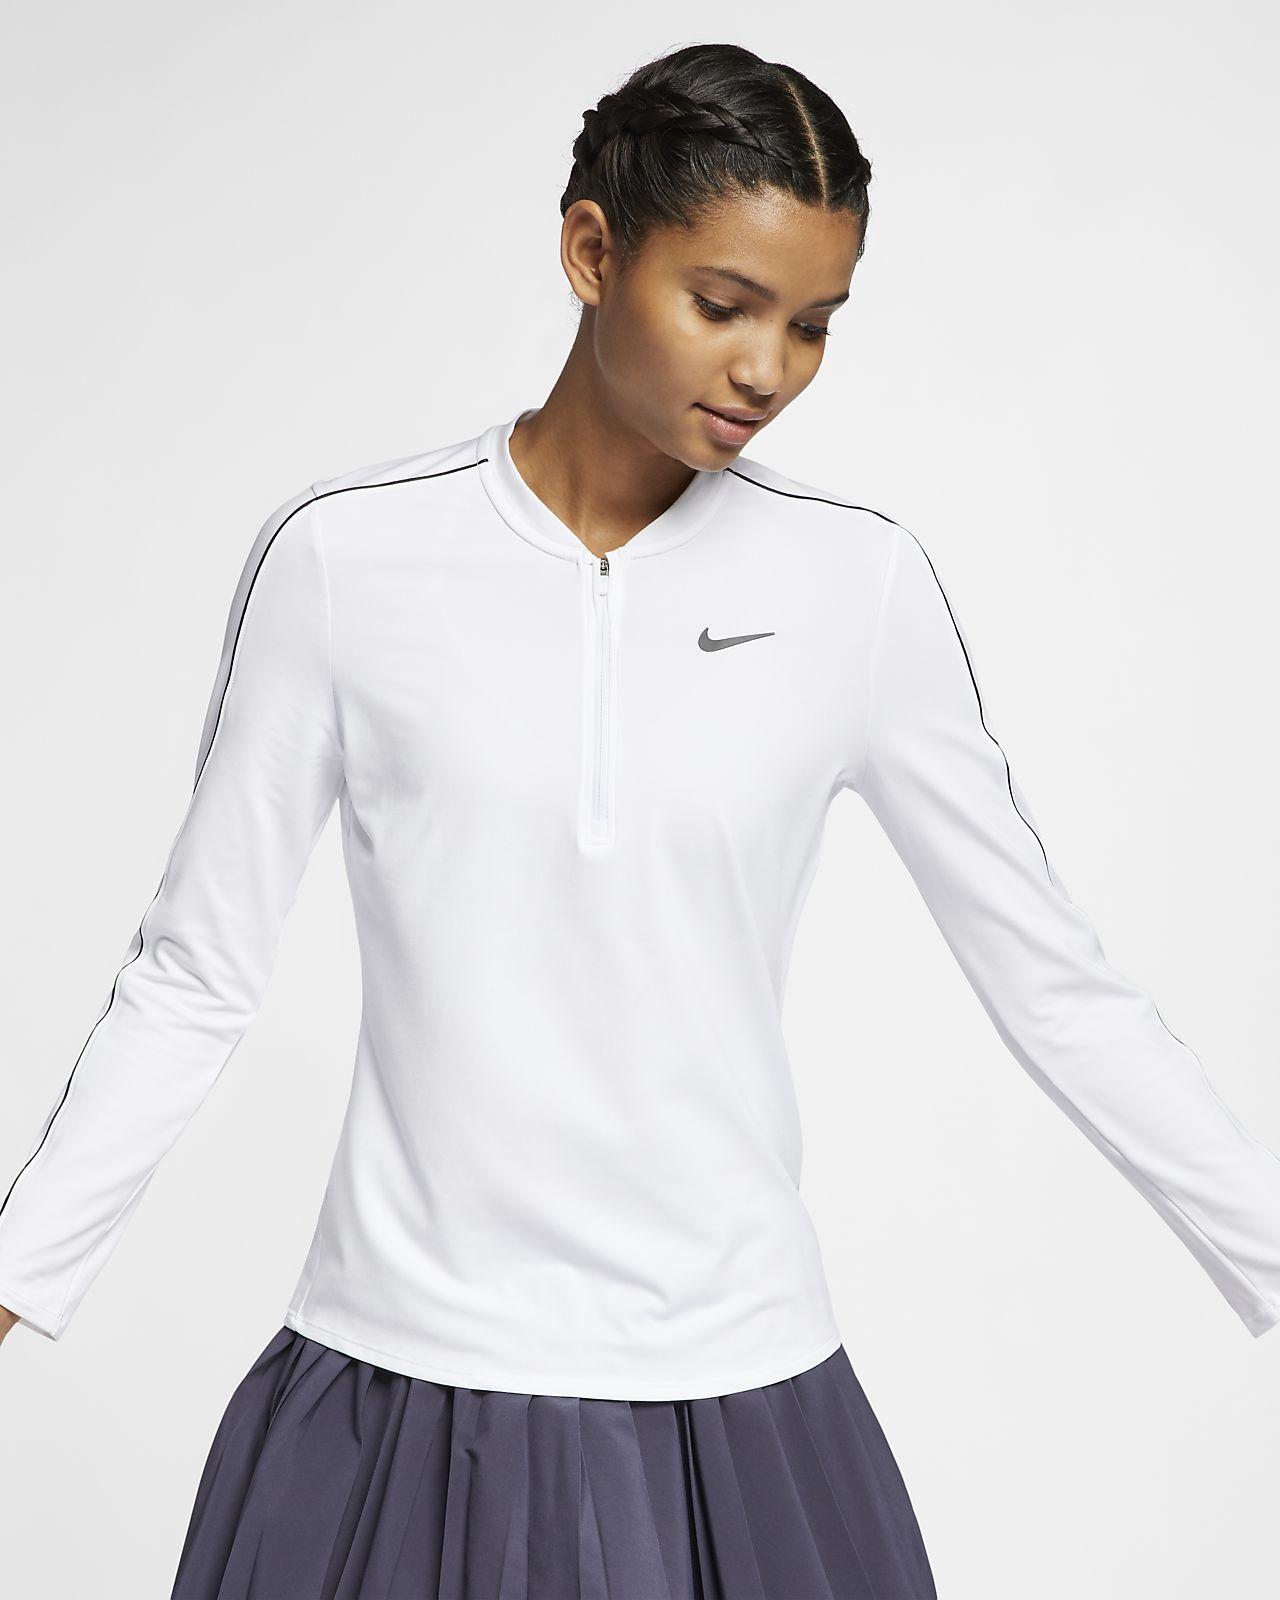 Γυναικεία μπλούζα τένις με φερμουάρ στο μισό μήκος NikeCourt Dri-FIT